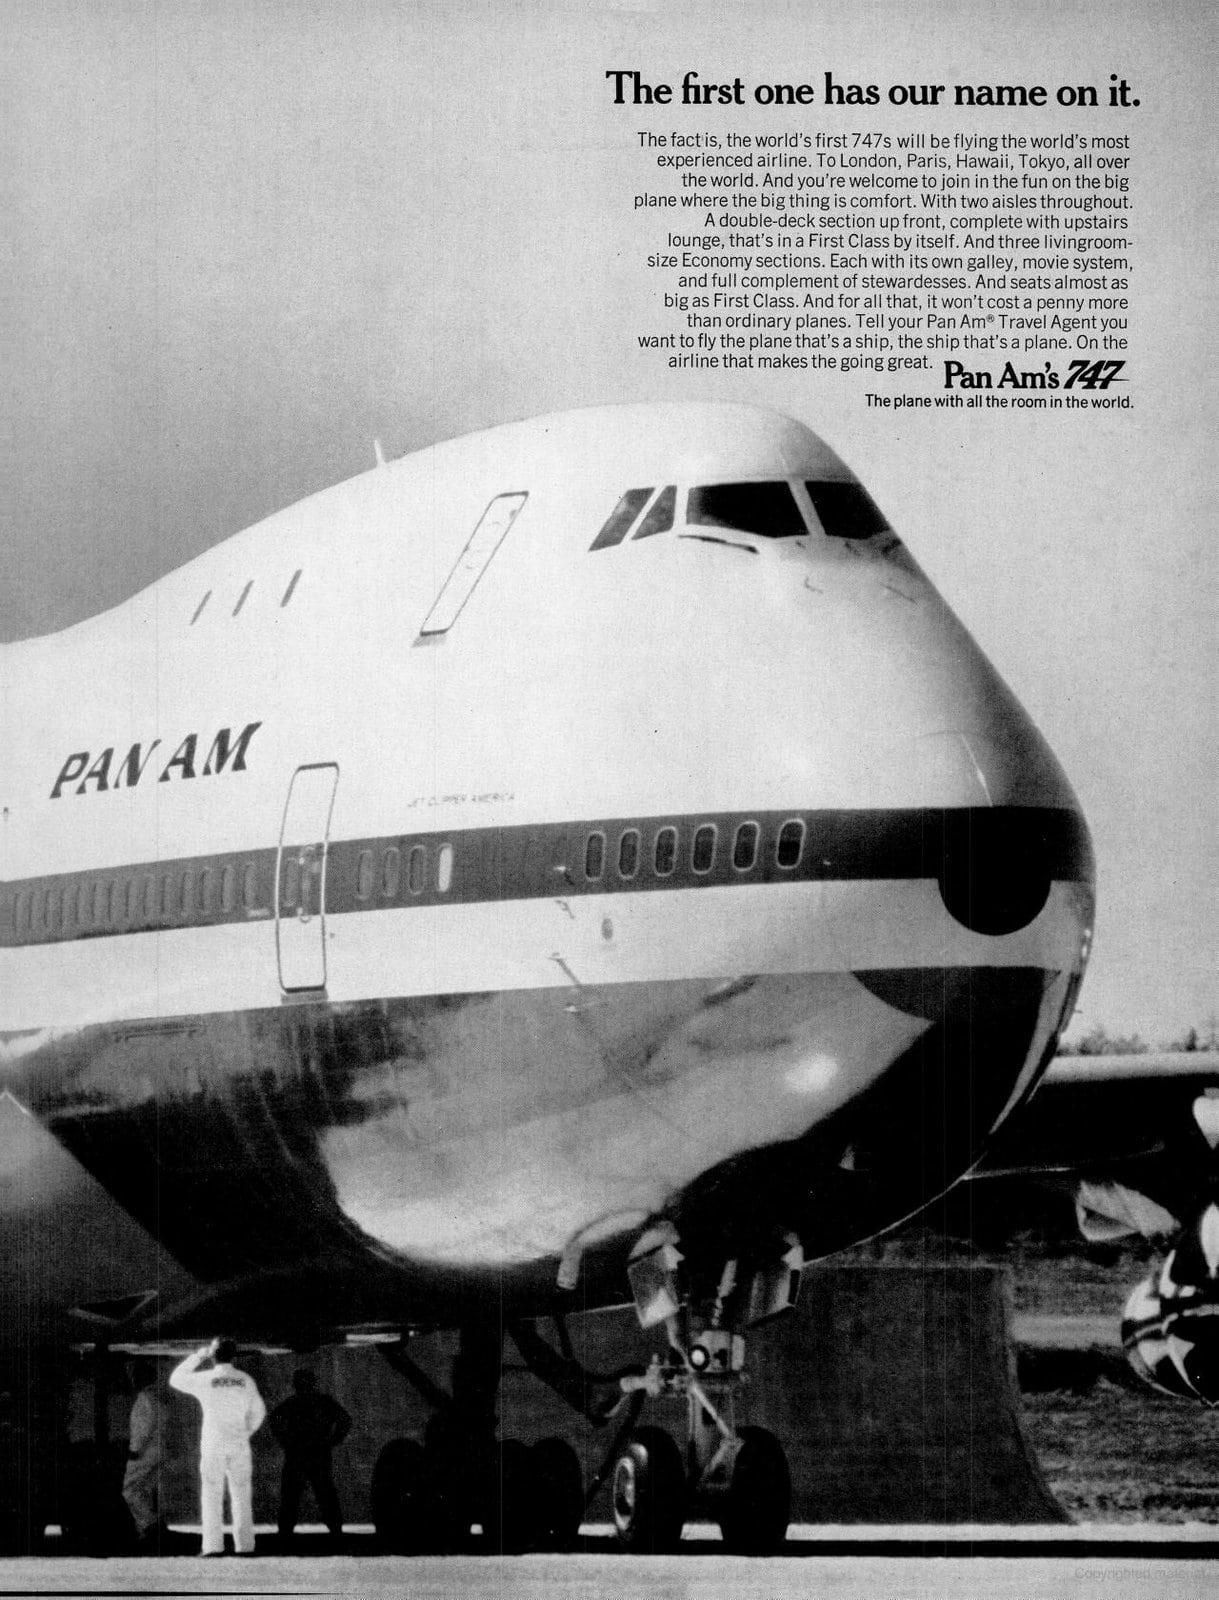 Pan Am 747 plane (1970)